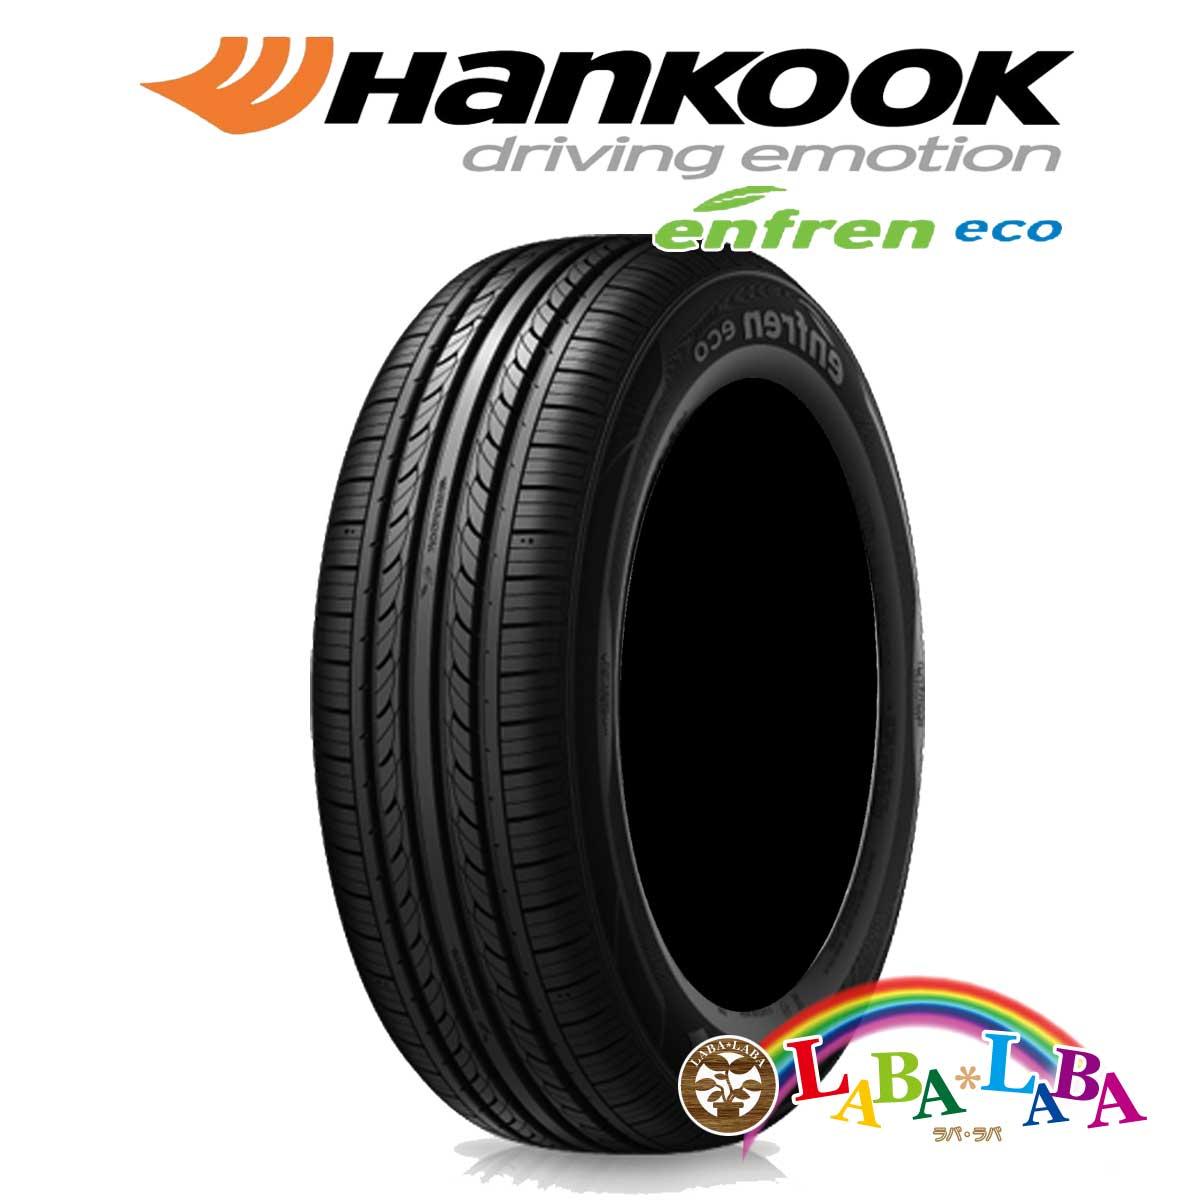 HANKOOK ハンコック enfren eco アンフラン_エコ H433 165/60R15 81H XL サマータイヤ 4本セット